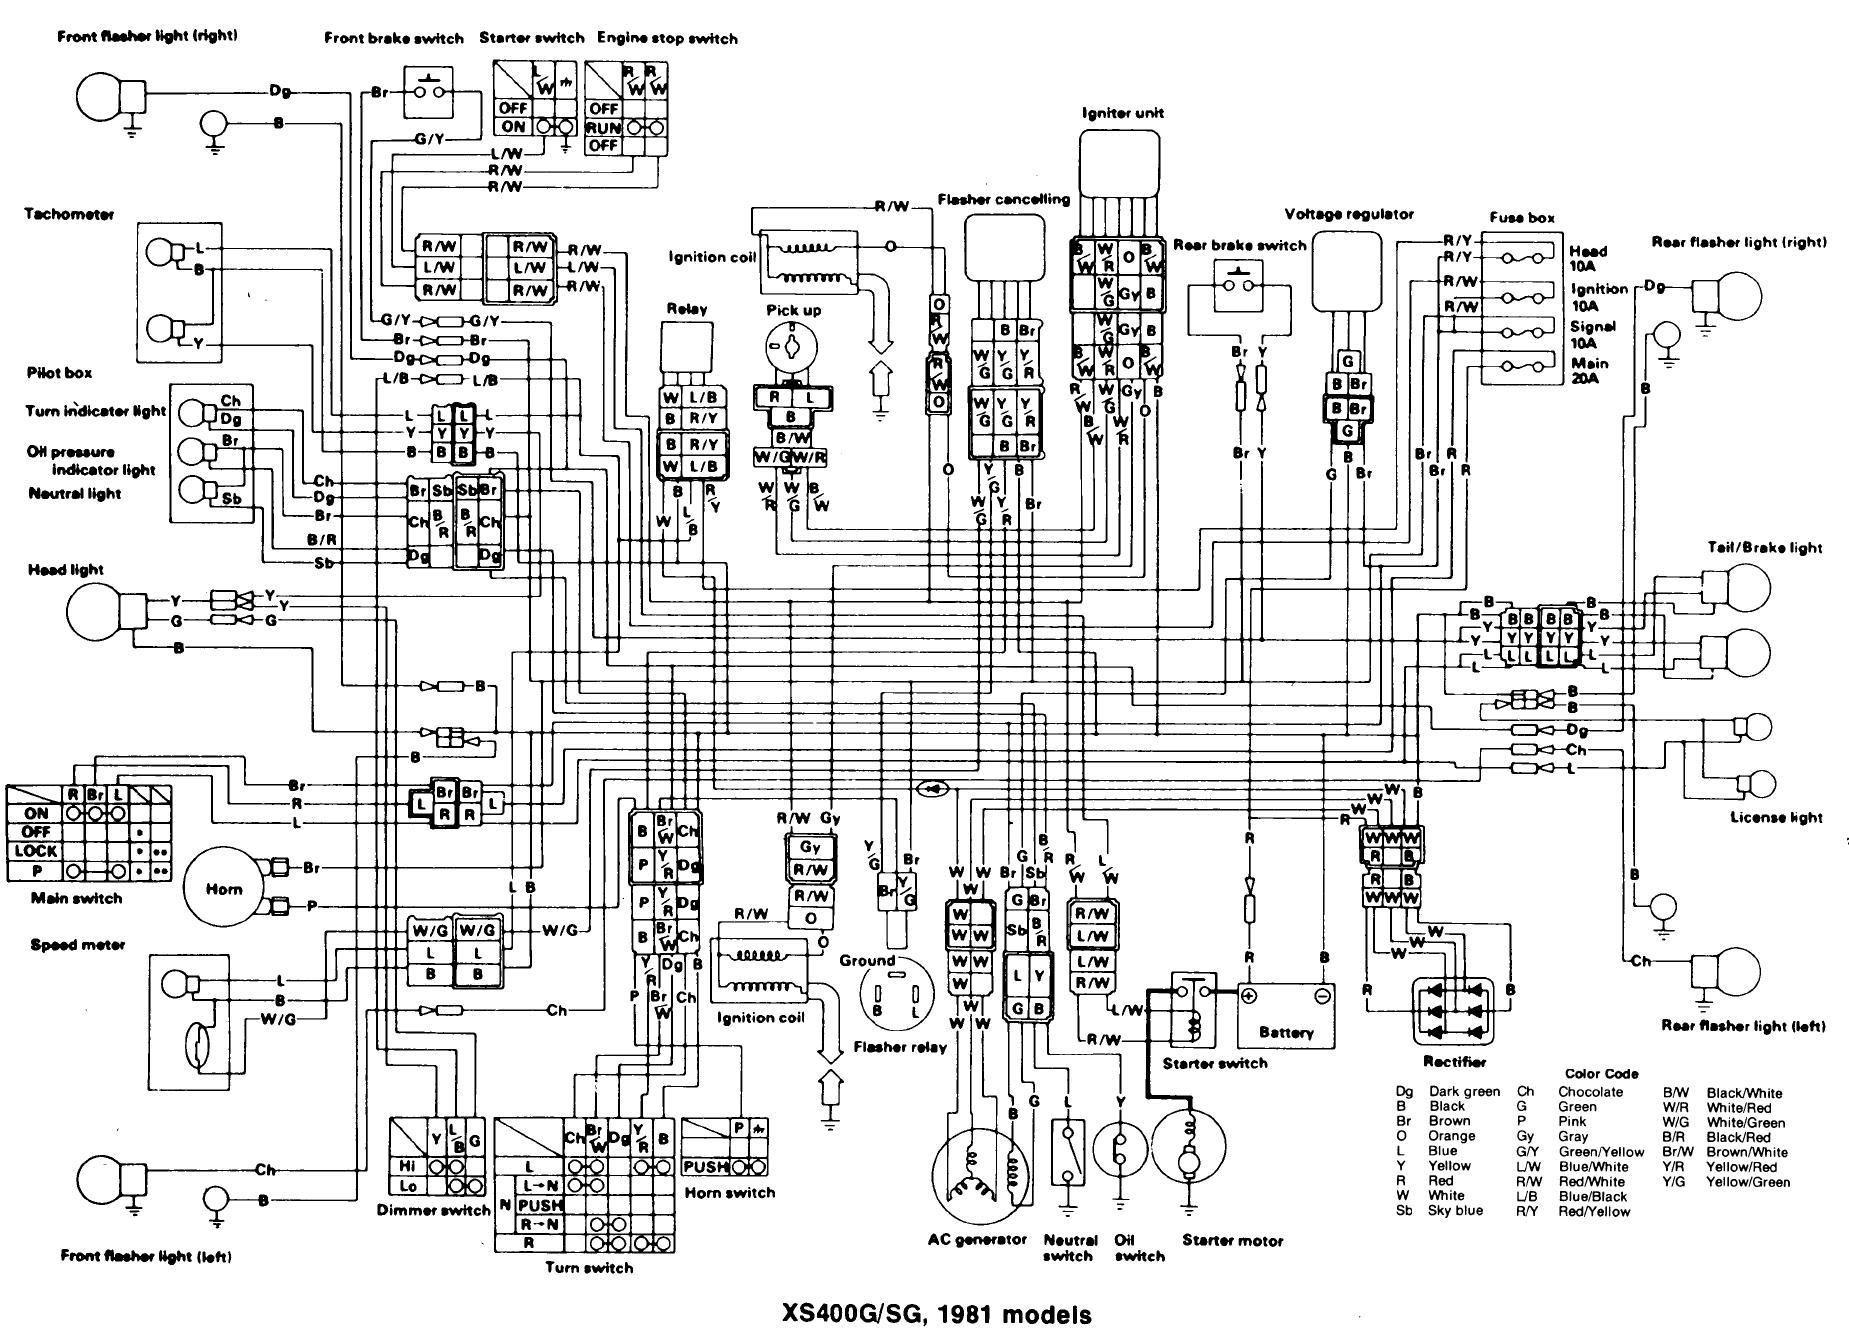 xs400 cafe wiring diagram